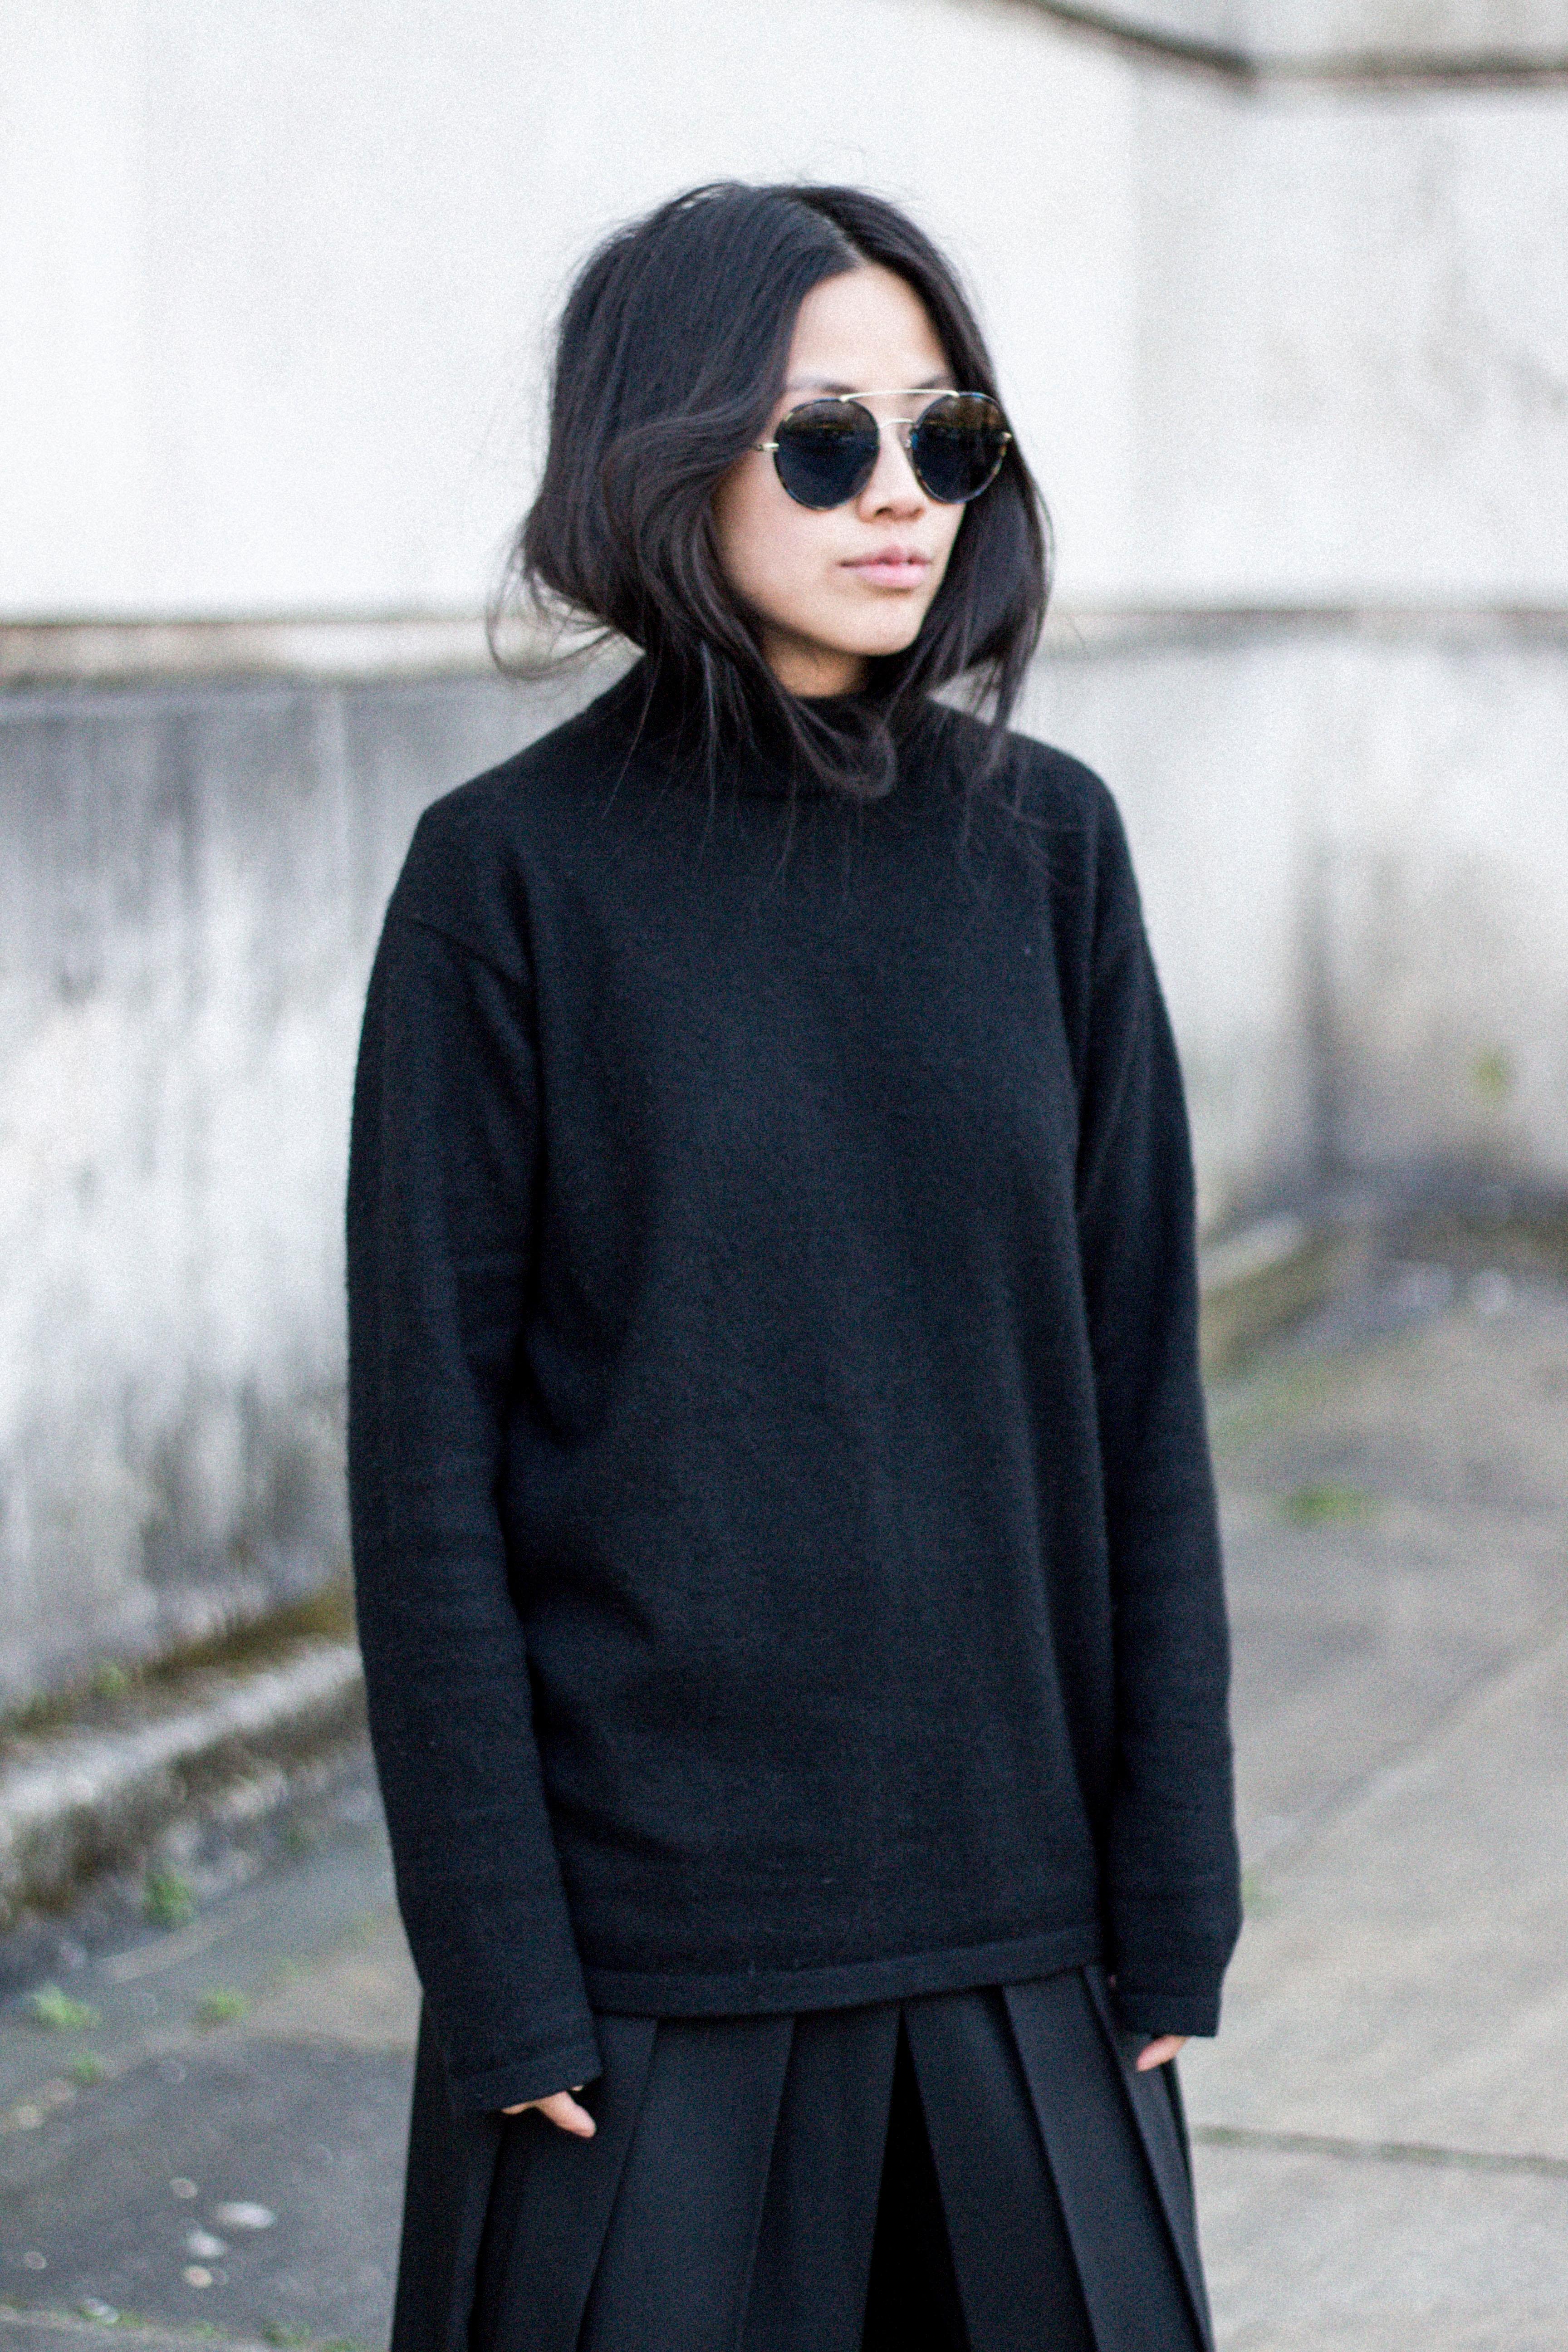 Pleat_Skirt_GroundY_Yohji_Yamamoto_06